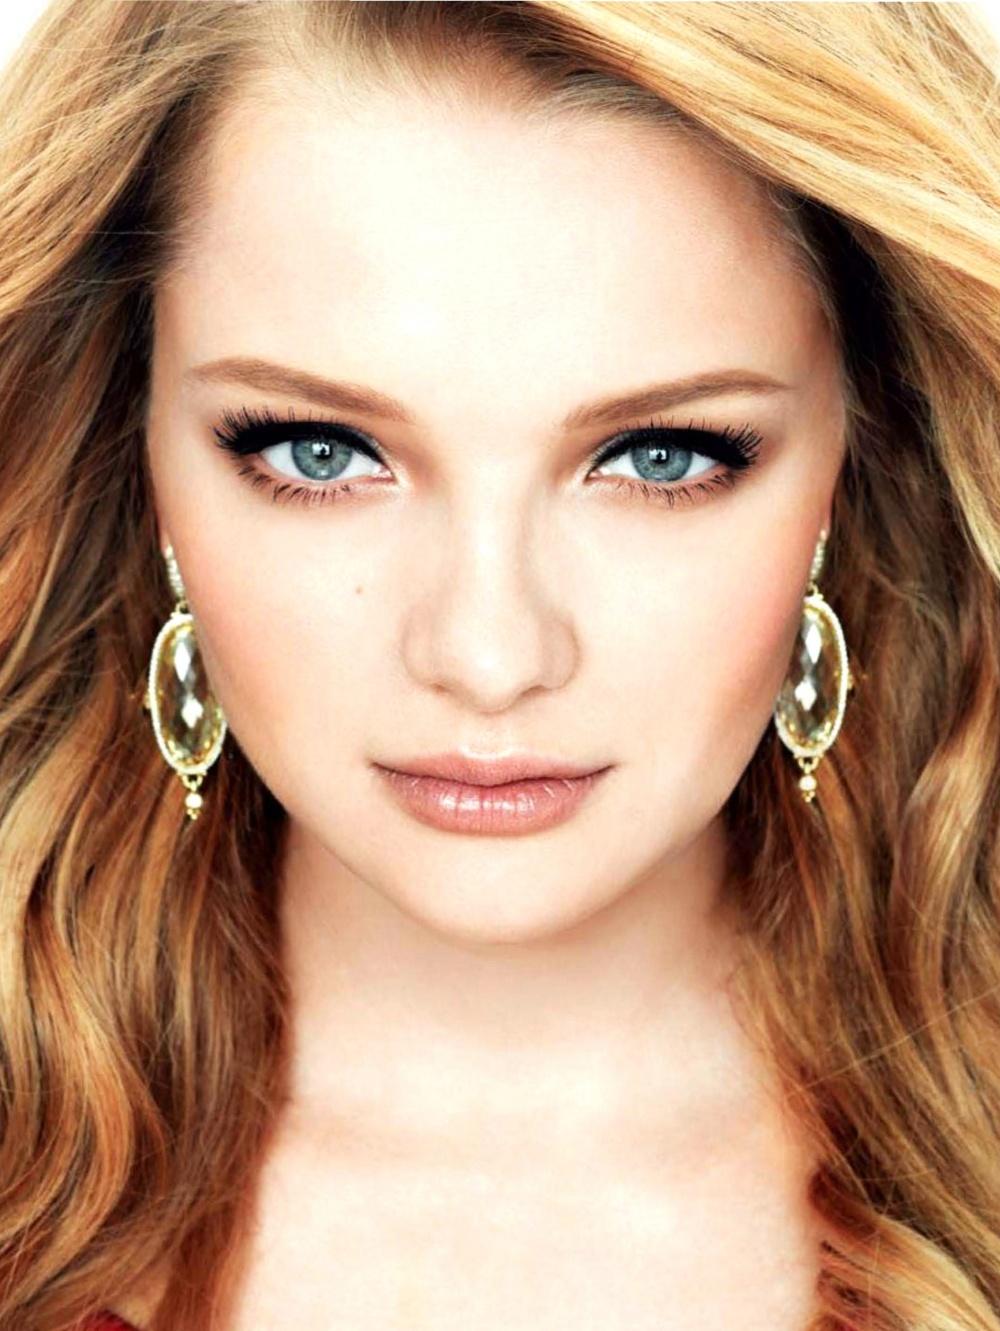 Смотреть фото актрисы россии 10 фотография